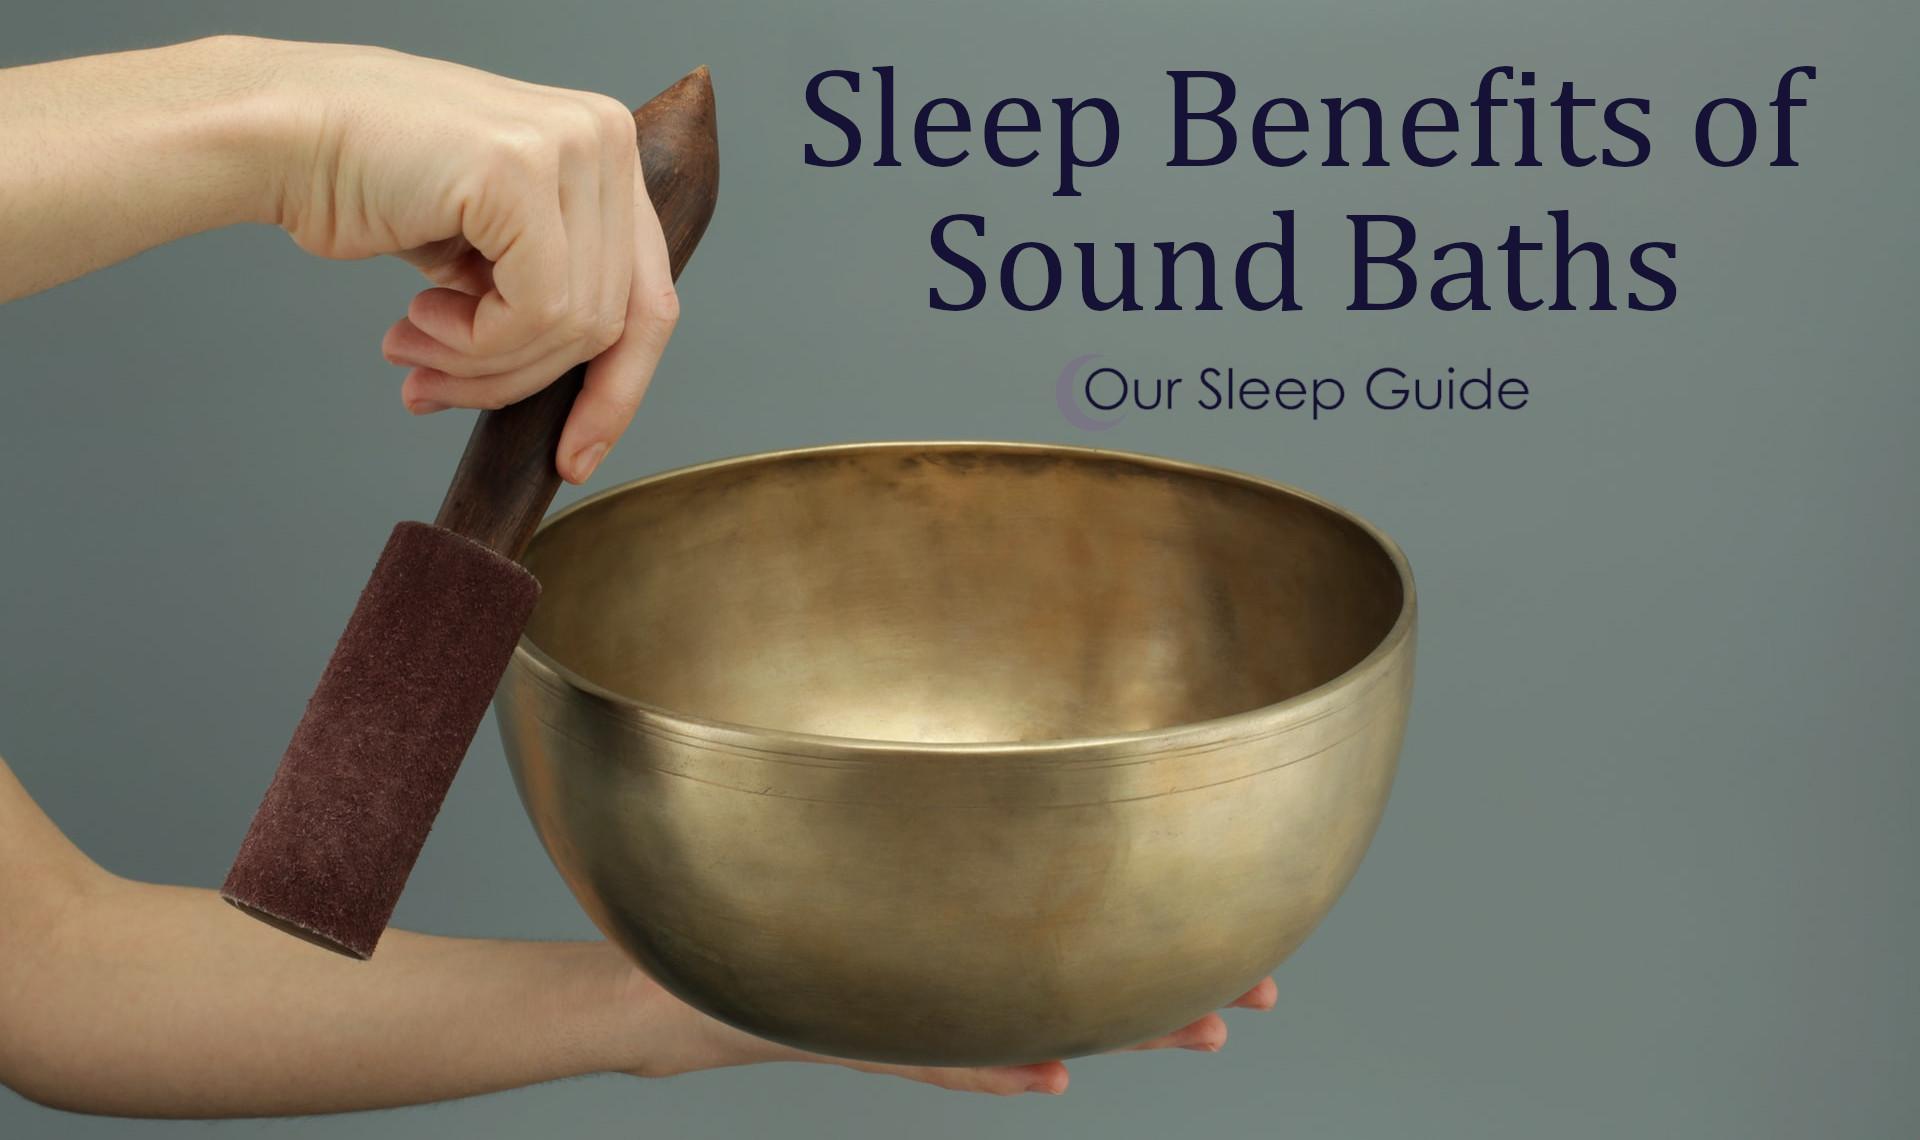 Amazing Sleep Benefits Of Sound Baths